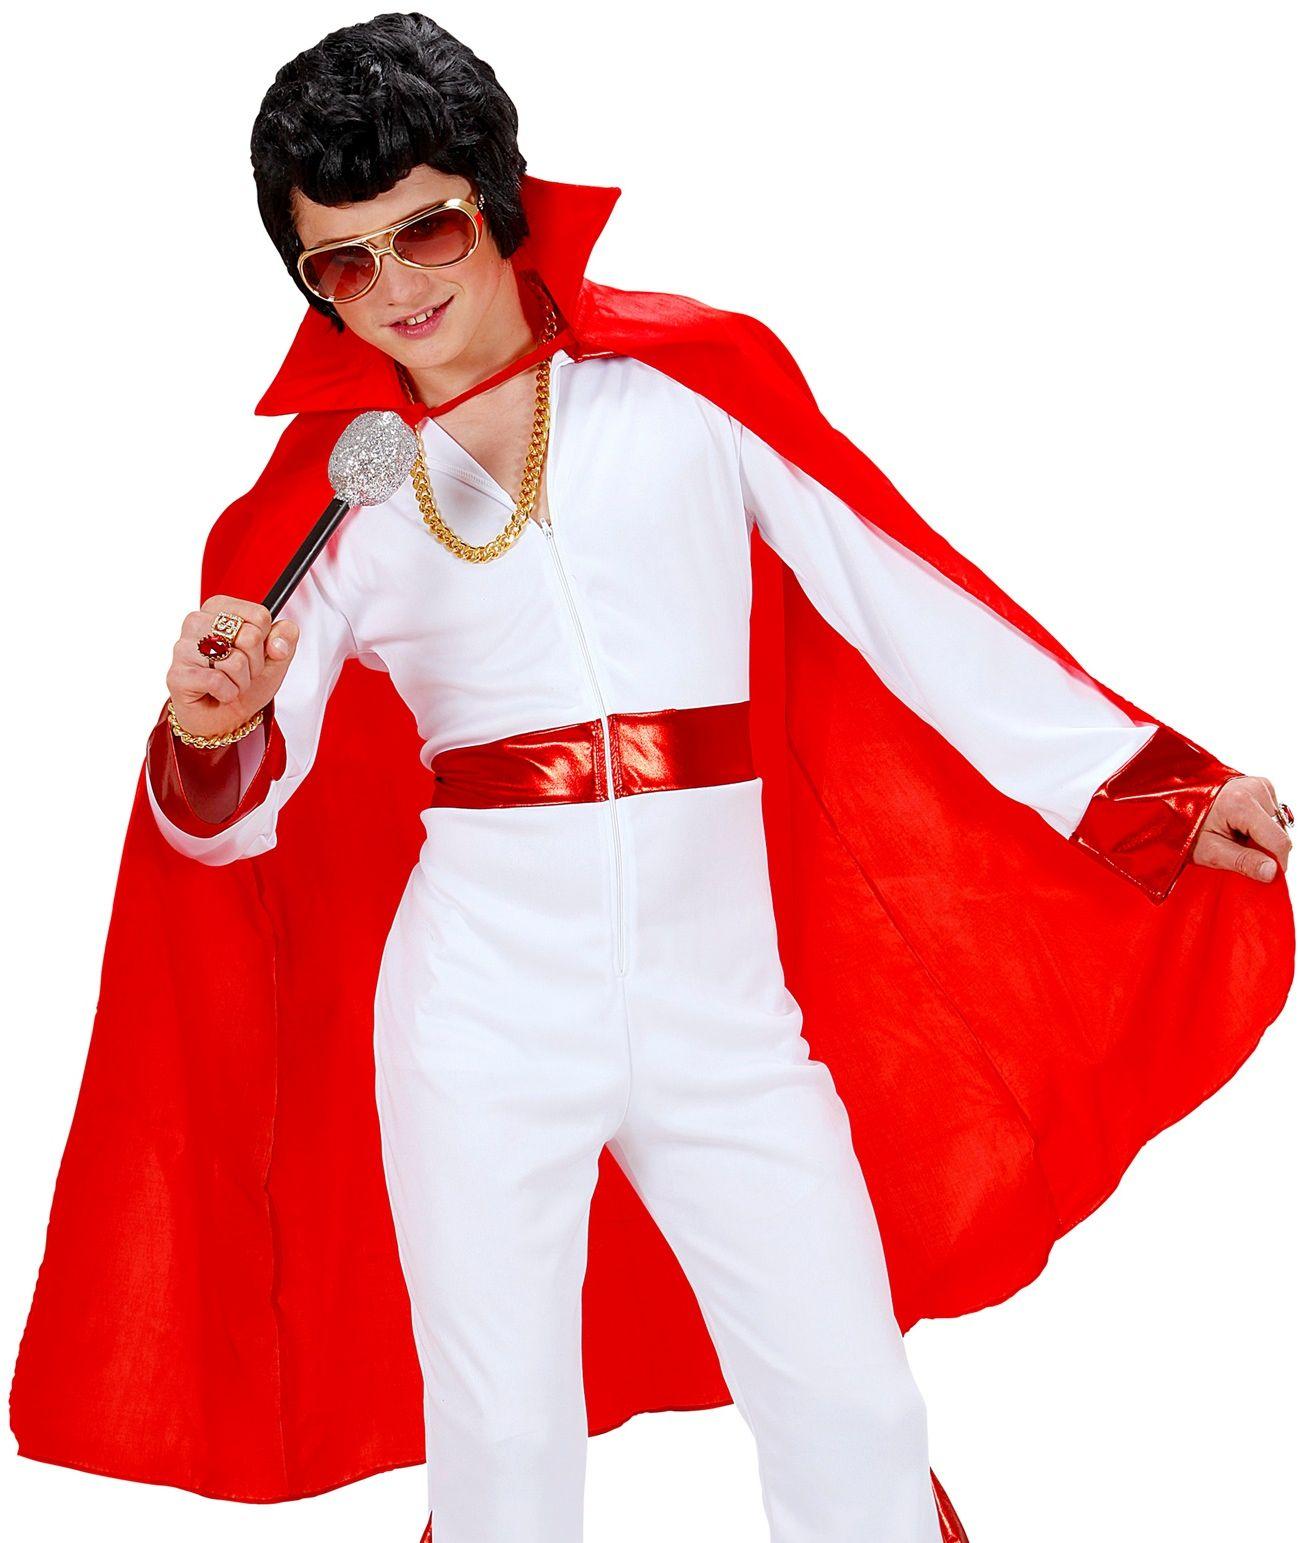 Rode kinder cape met kraag